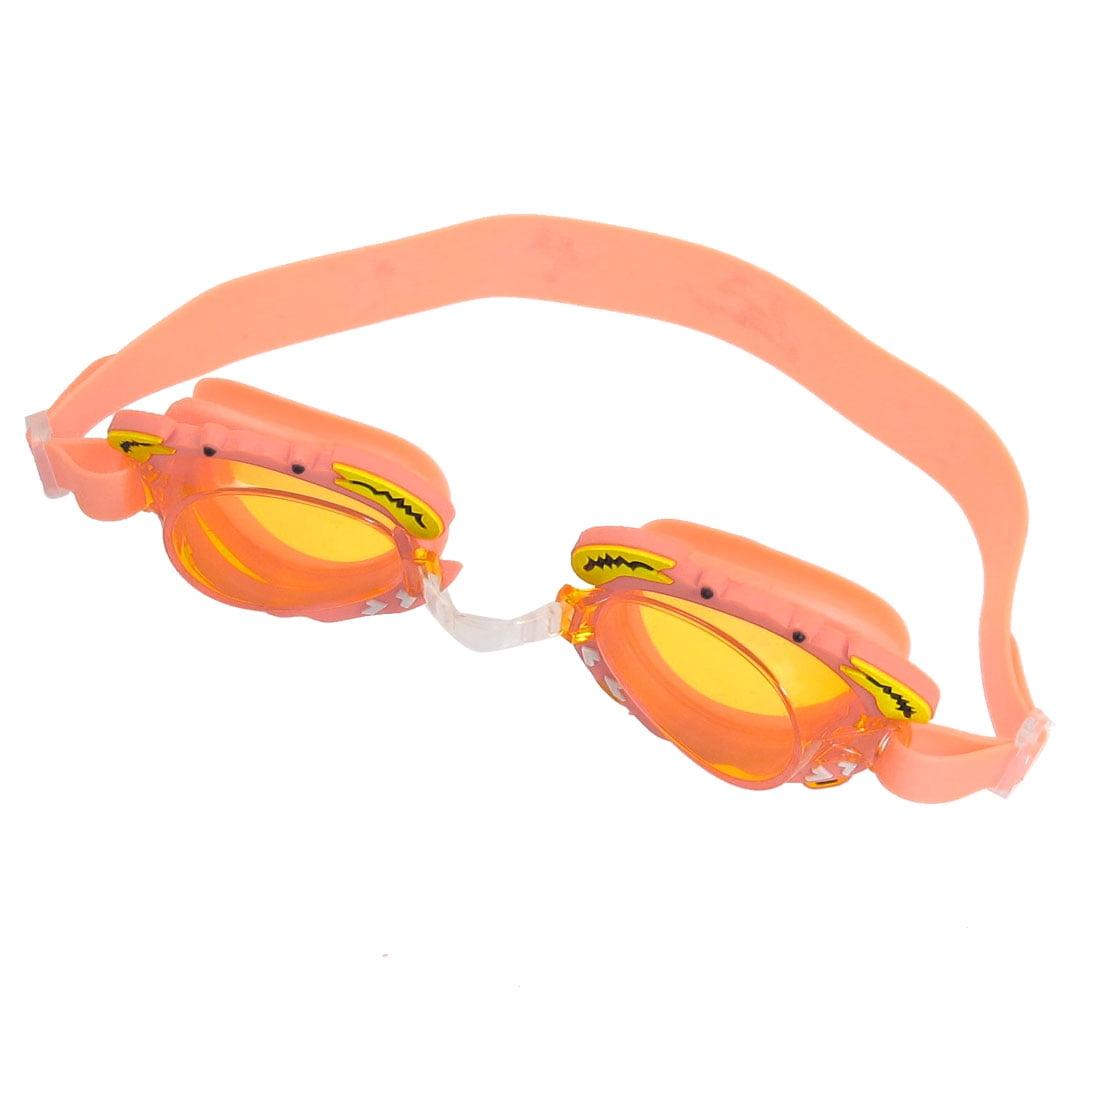 Unique Bargains Unique Bargains Child Kids Clear Orange Lens Adjustable Strap Swimming Goggles w Earplugs by